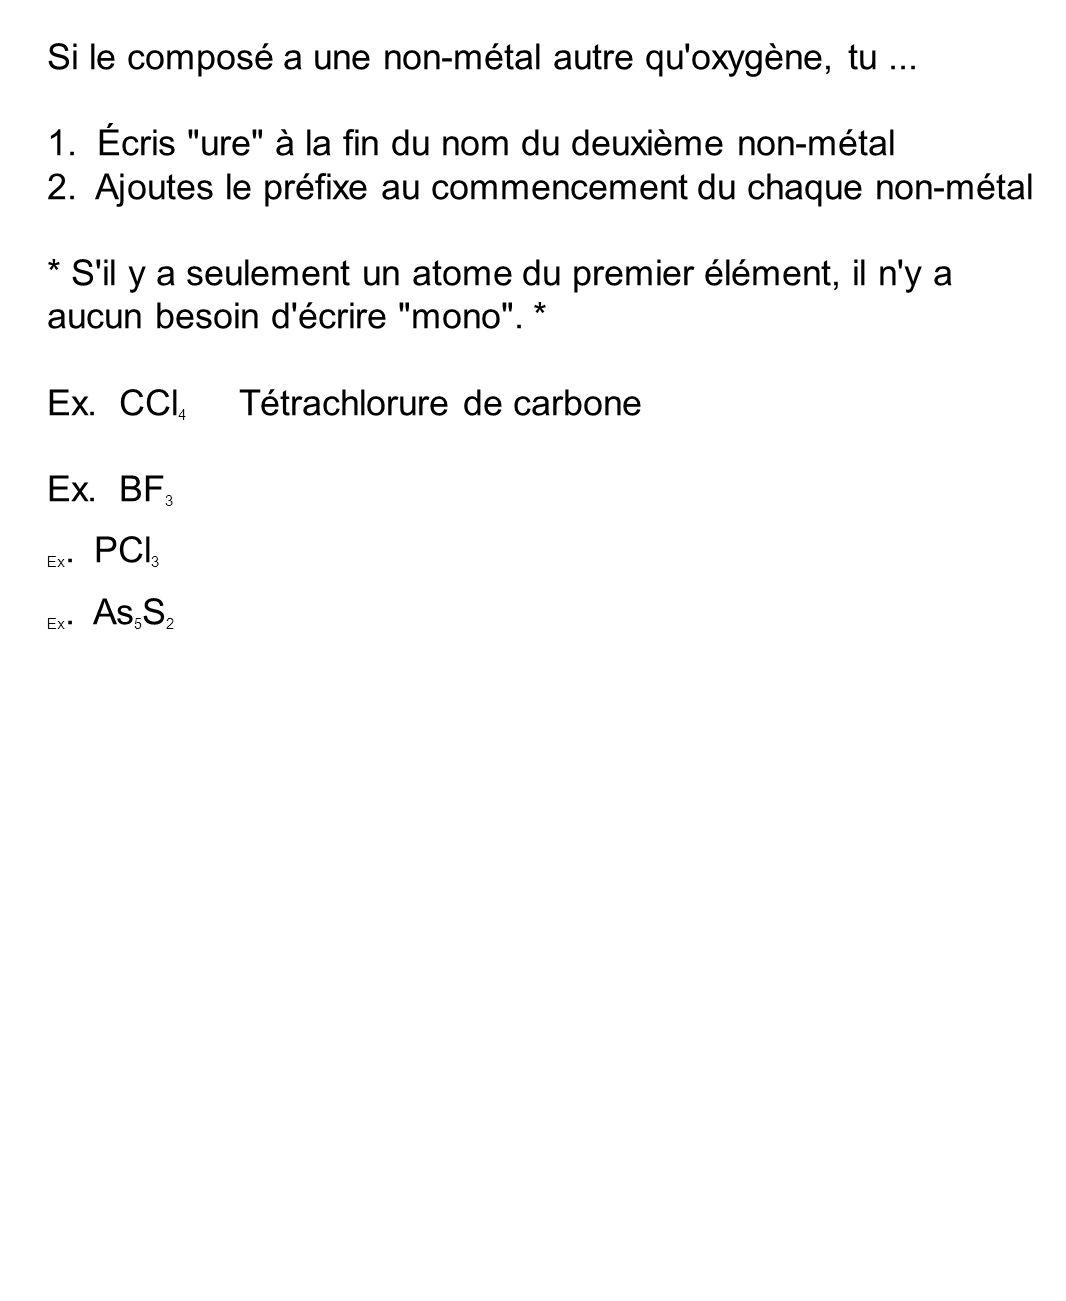 Si le composé a une non-métal autre qu'oxygène, tu... 1. Écris